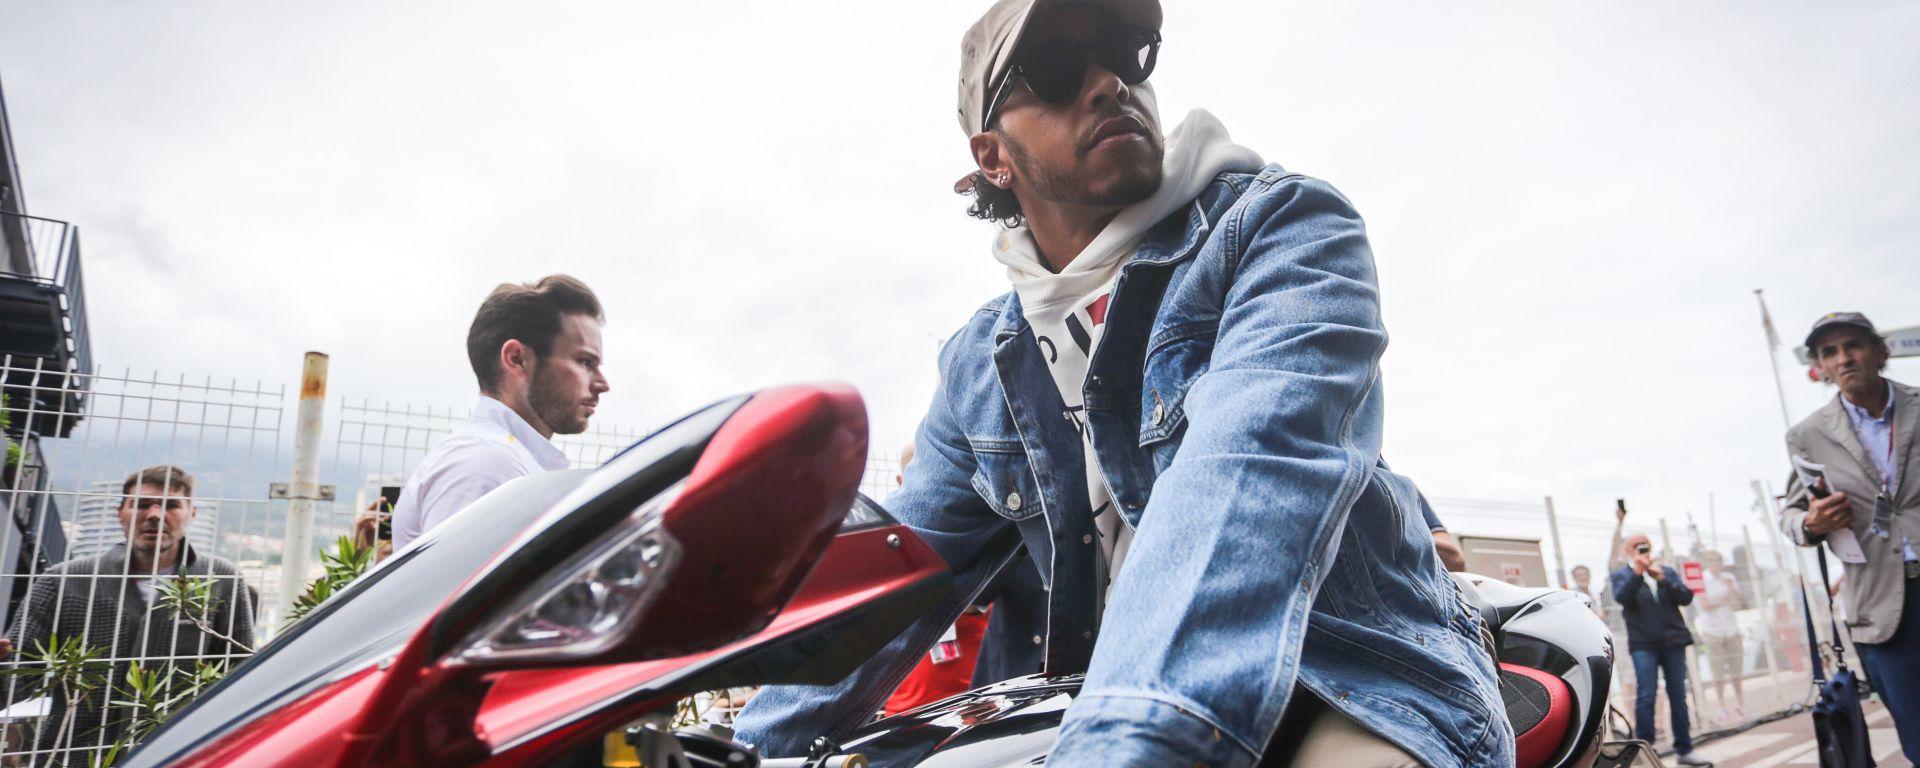 F1, GP Monaco 2019: Lewis Hamilton (Mercedes) in sella alla sua MV Agusta